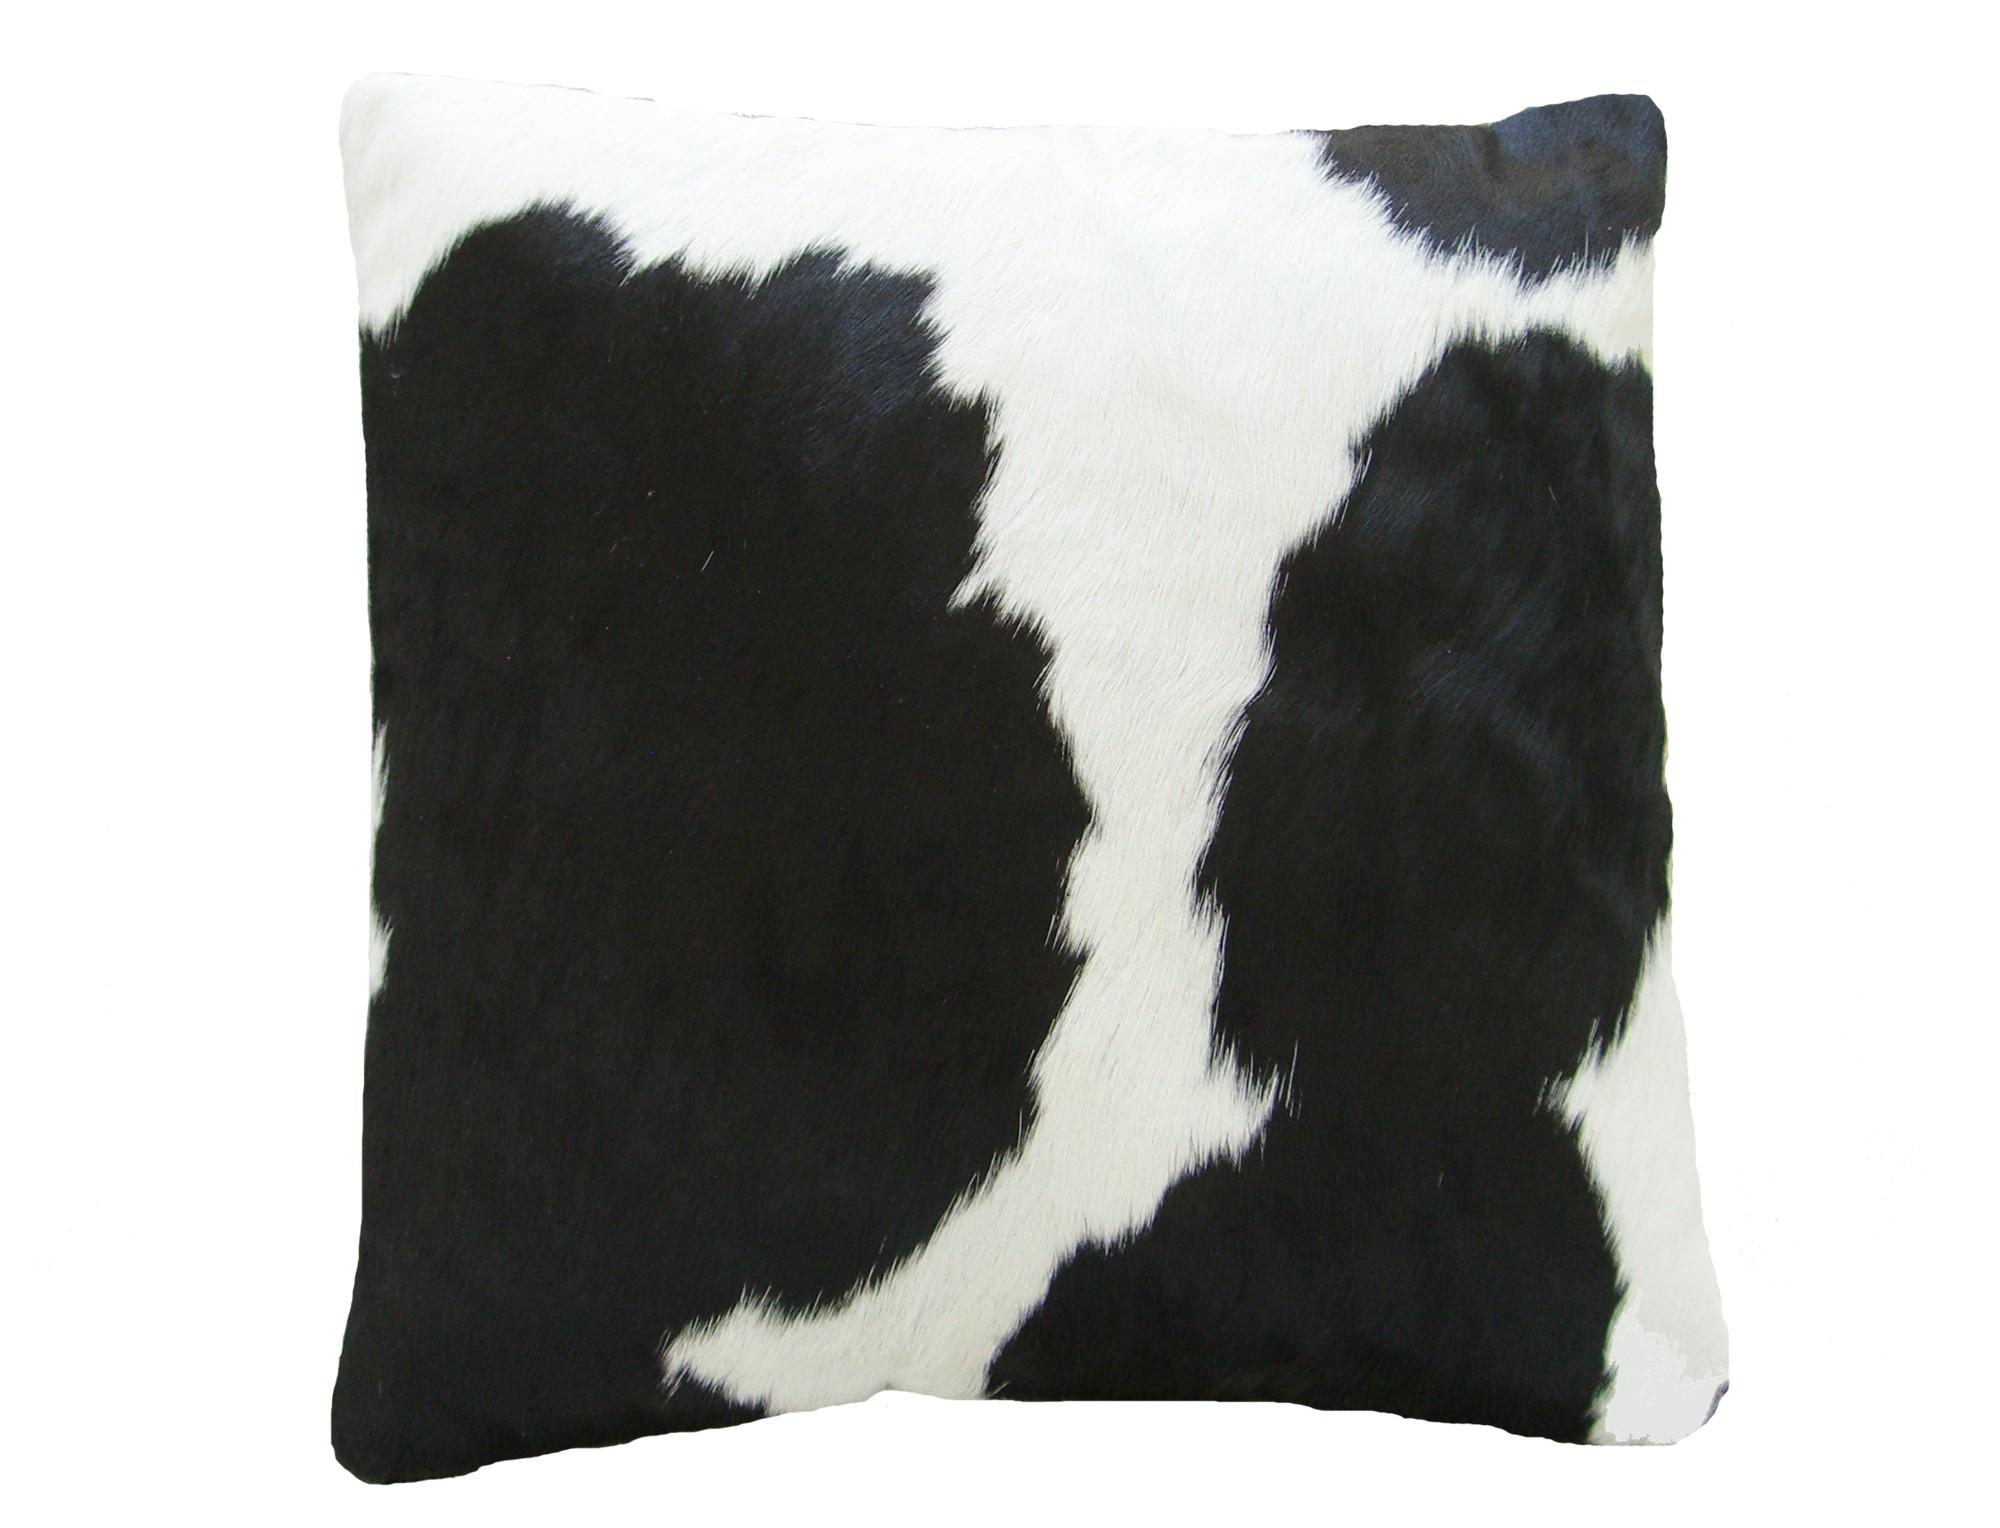 coussin en peau de vache noire blanche simple face. Black Bedroom Furniture Sets. Home Design Ideas